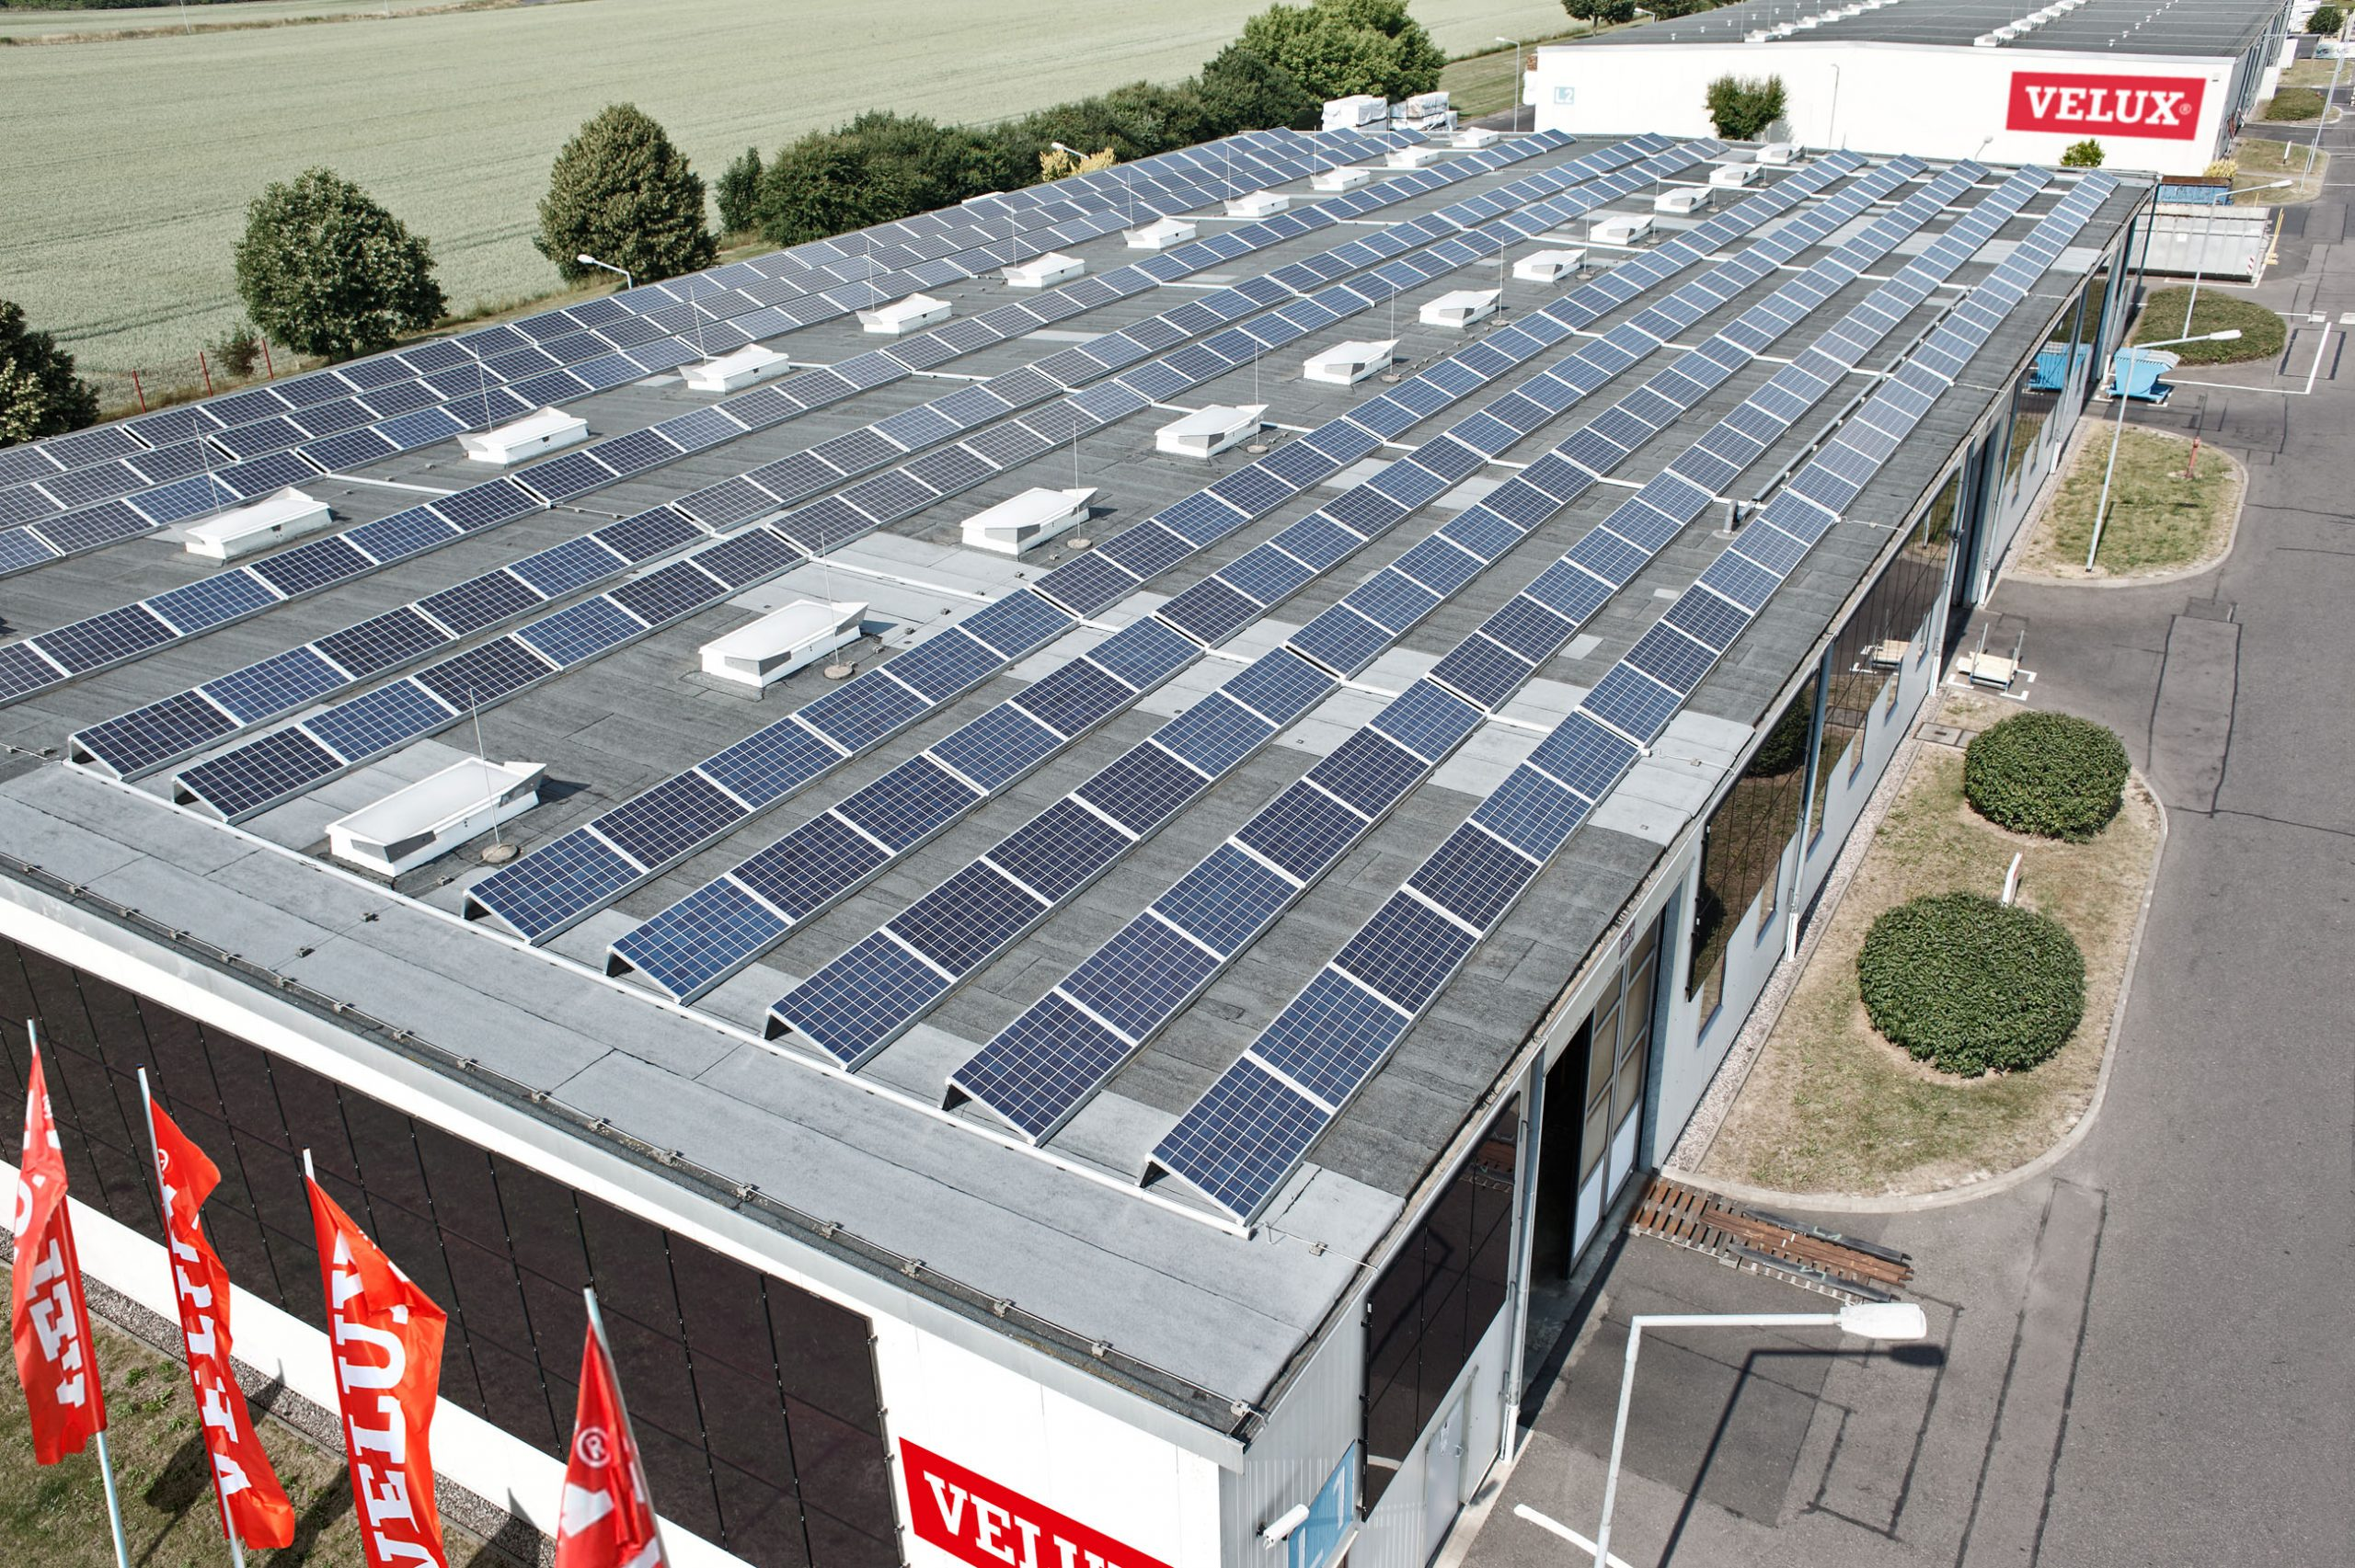 Velux Halle Photovoltaik Nachhaltigkeitspreis